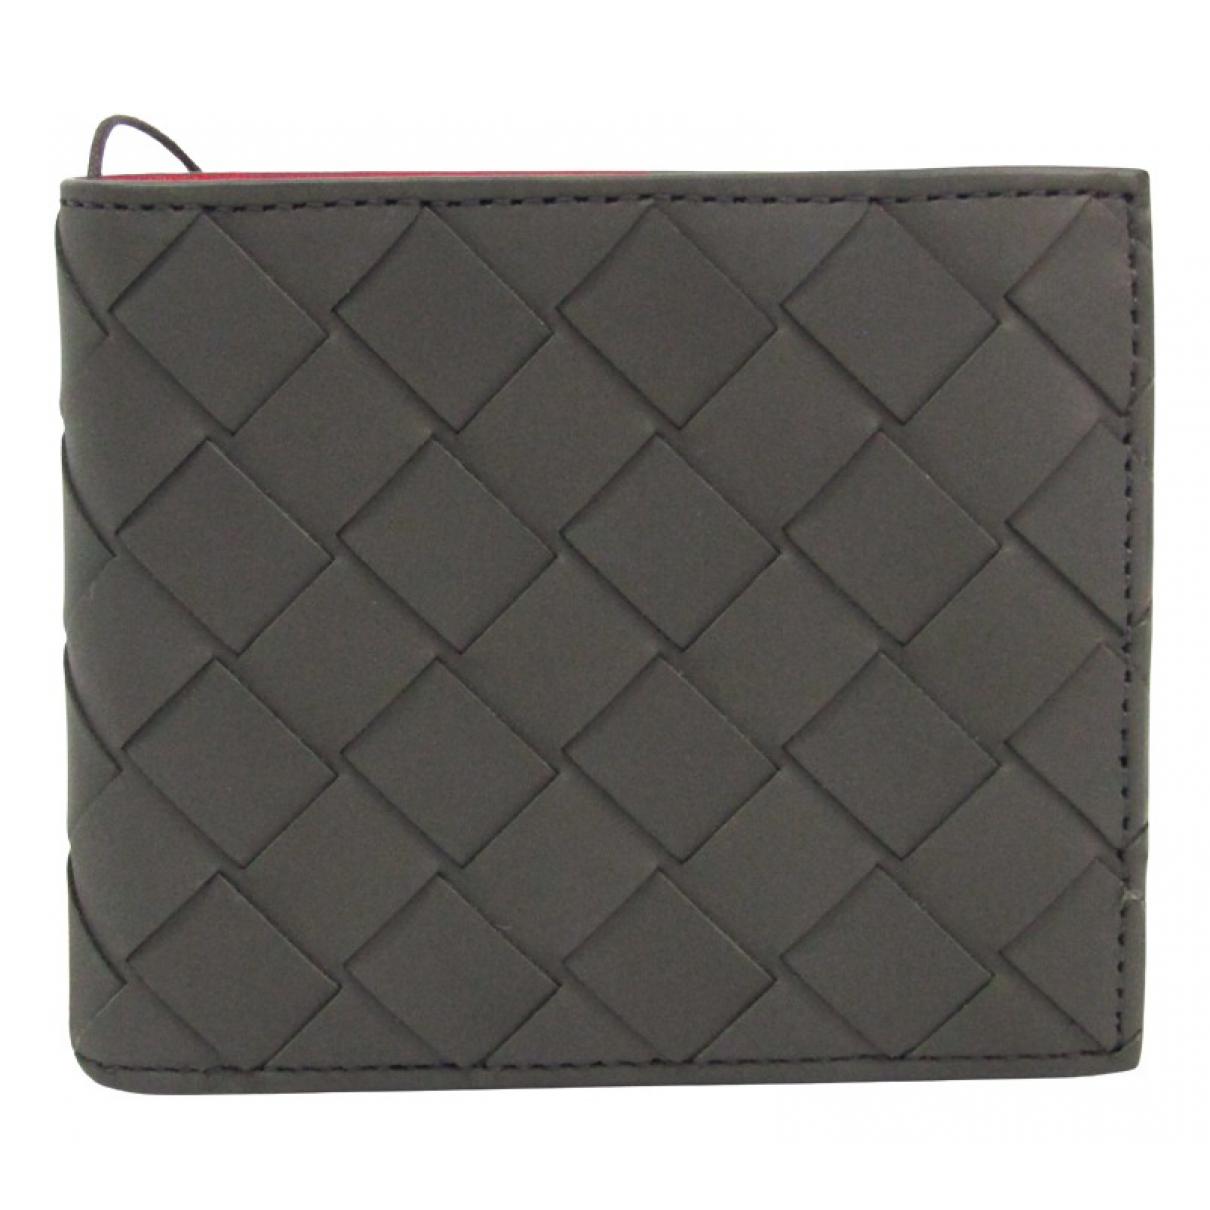 Bottega Veneta N Red Leather Small bag, wallet & cases for Men N